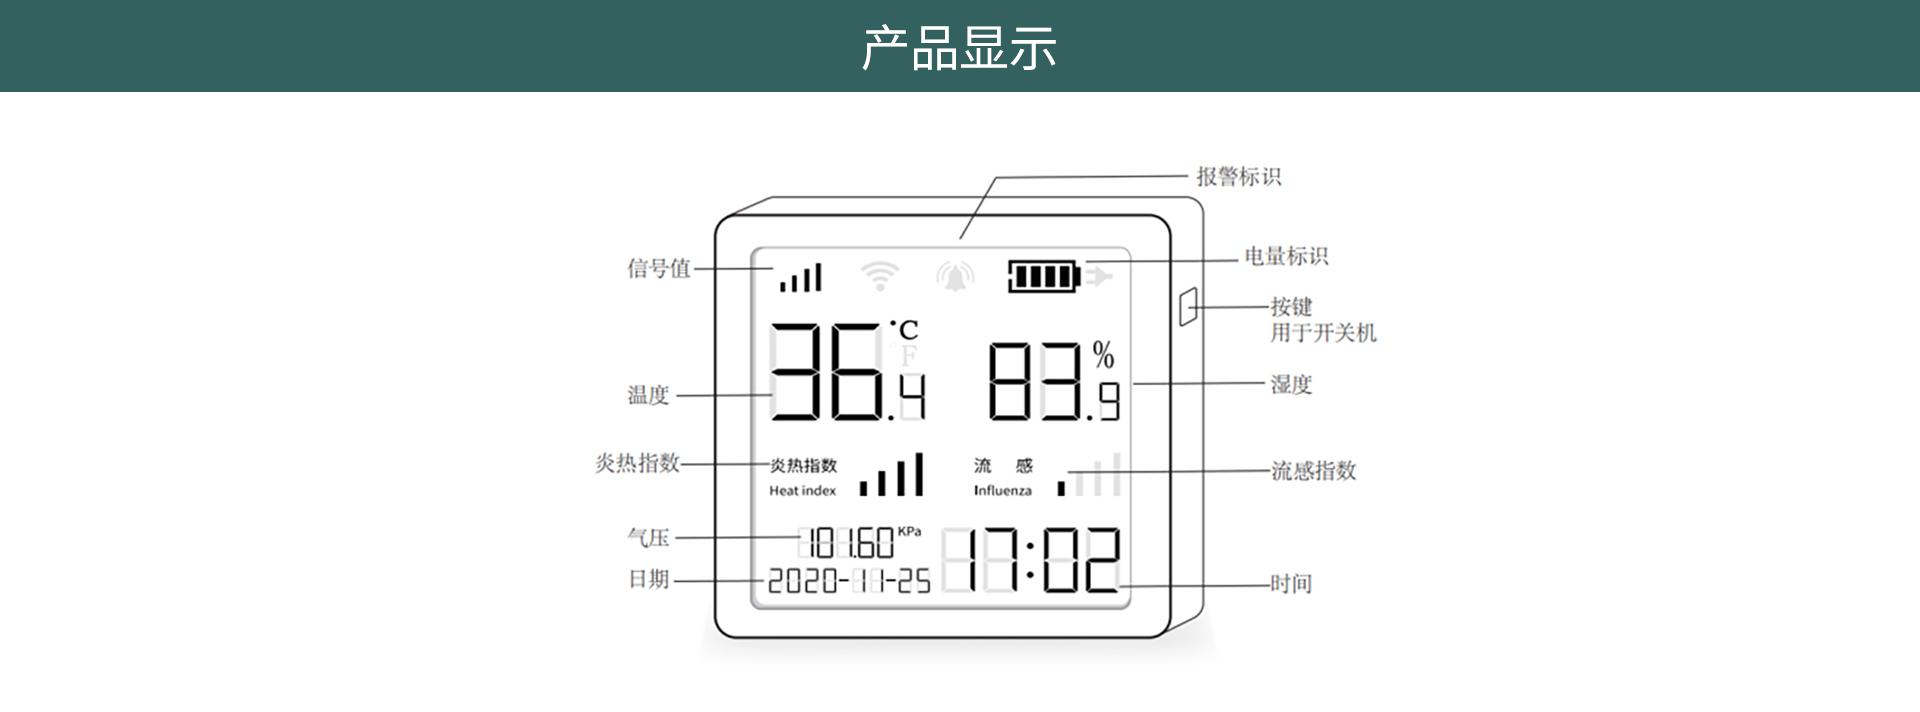 温湿度大气压采集器